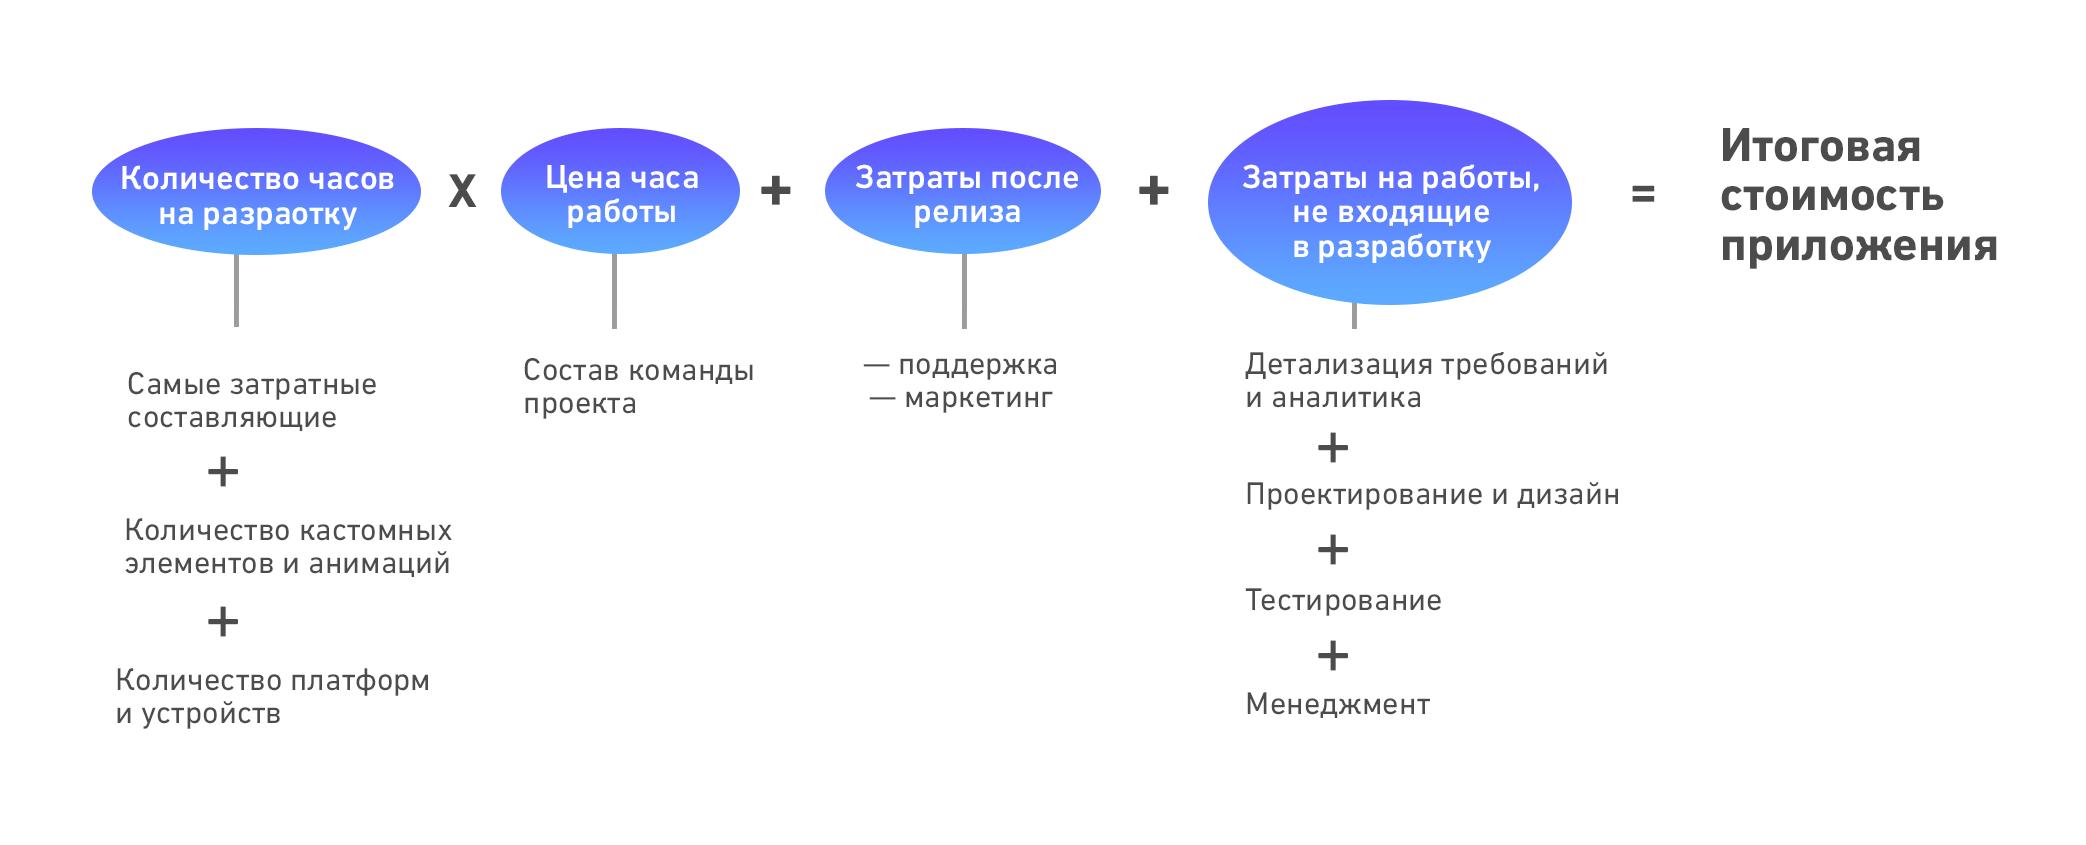 Особенности и Стоимость Разработки Приложения для Мобильного Банкинга